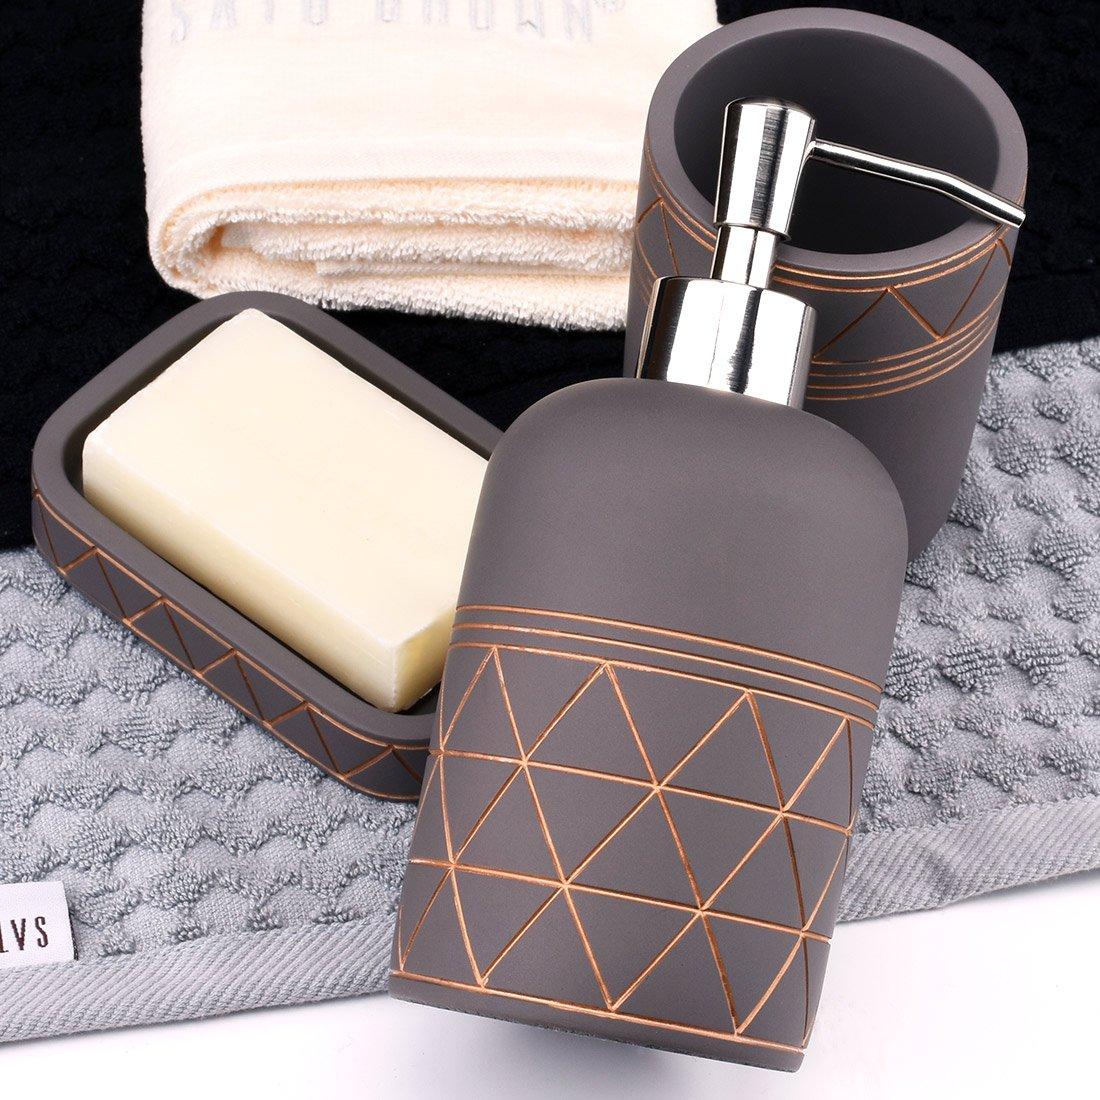 Satu Brown - Conjunto de accesorios de baño b82875717908